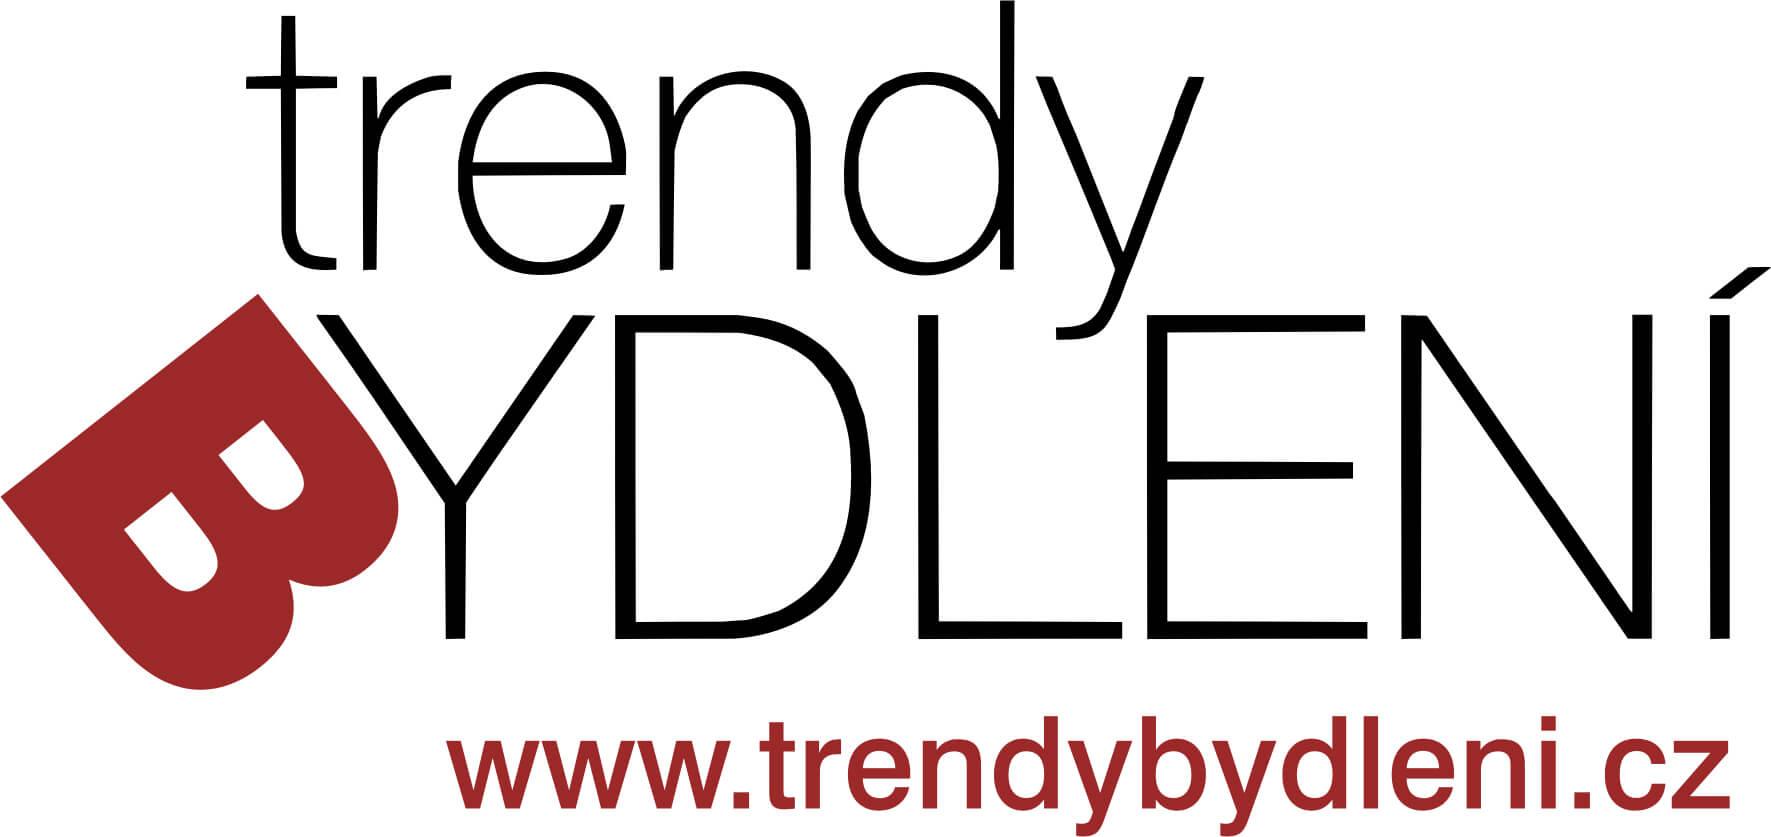 Trendy bydlení/Enuby